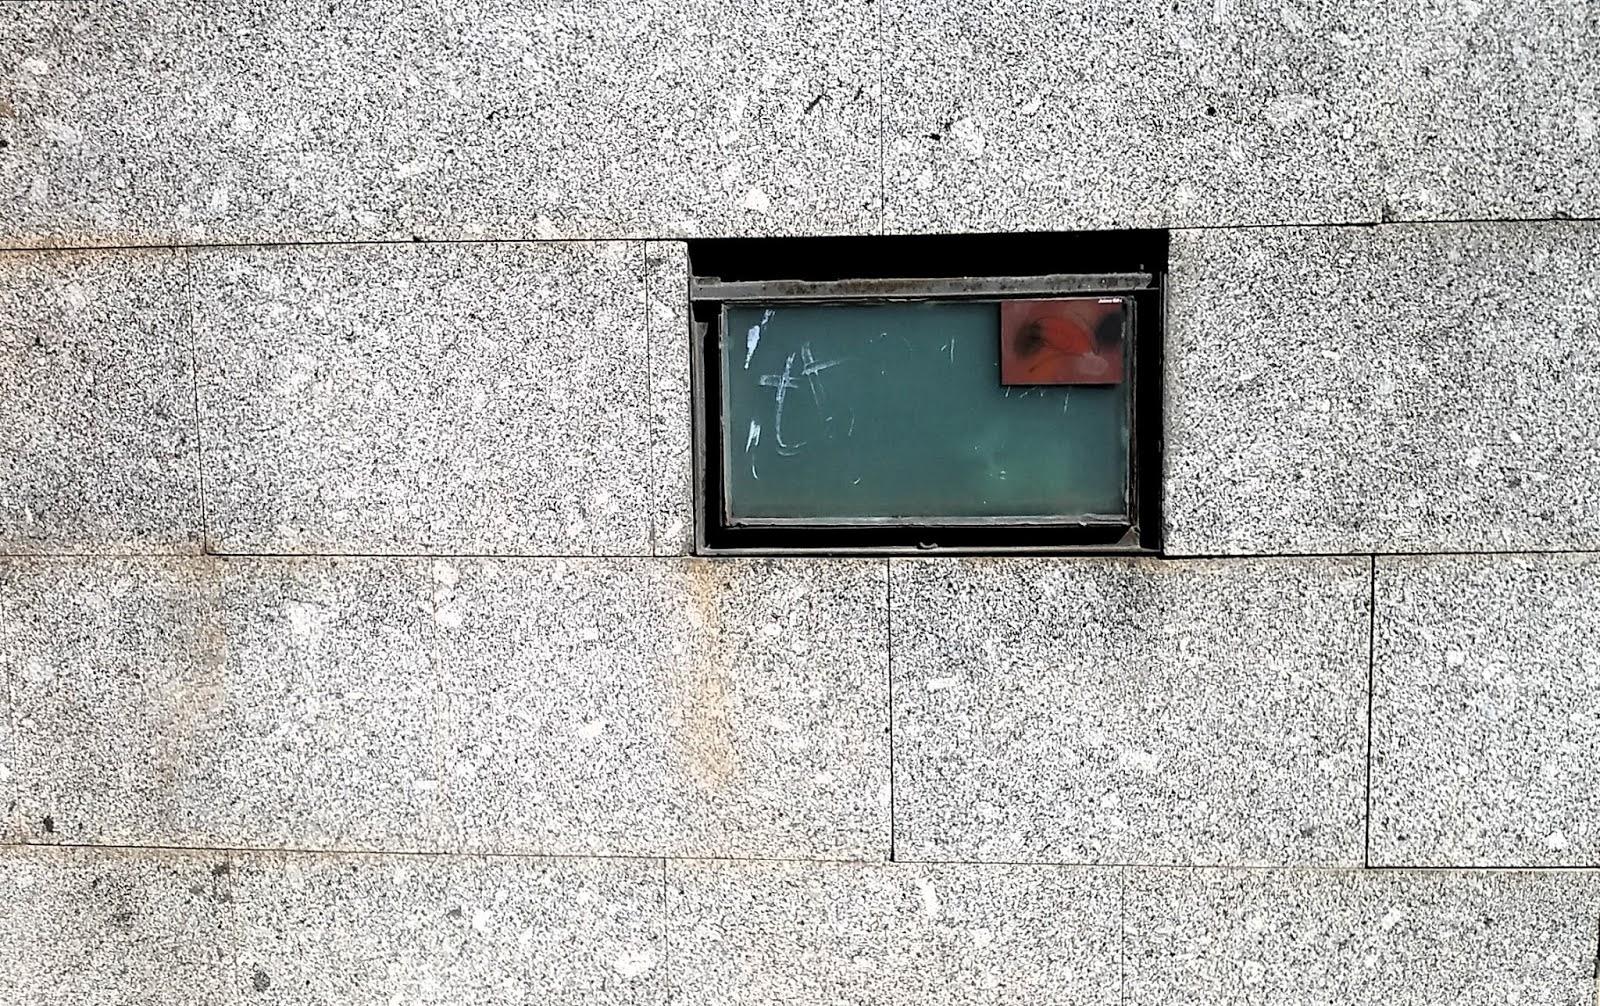 Oficina de ideas libres acciones en ciudades salamanca for Oficina correos salamanca